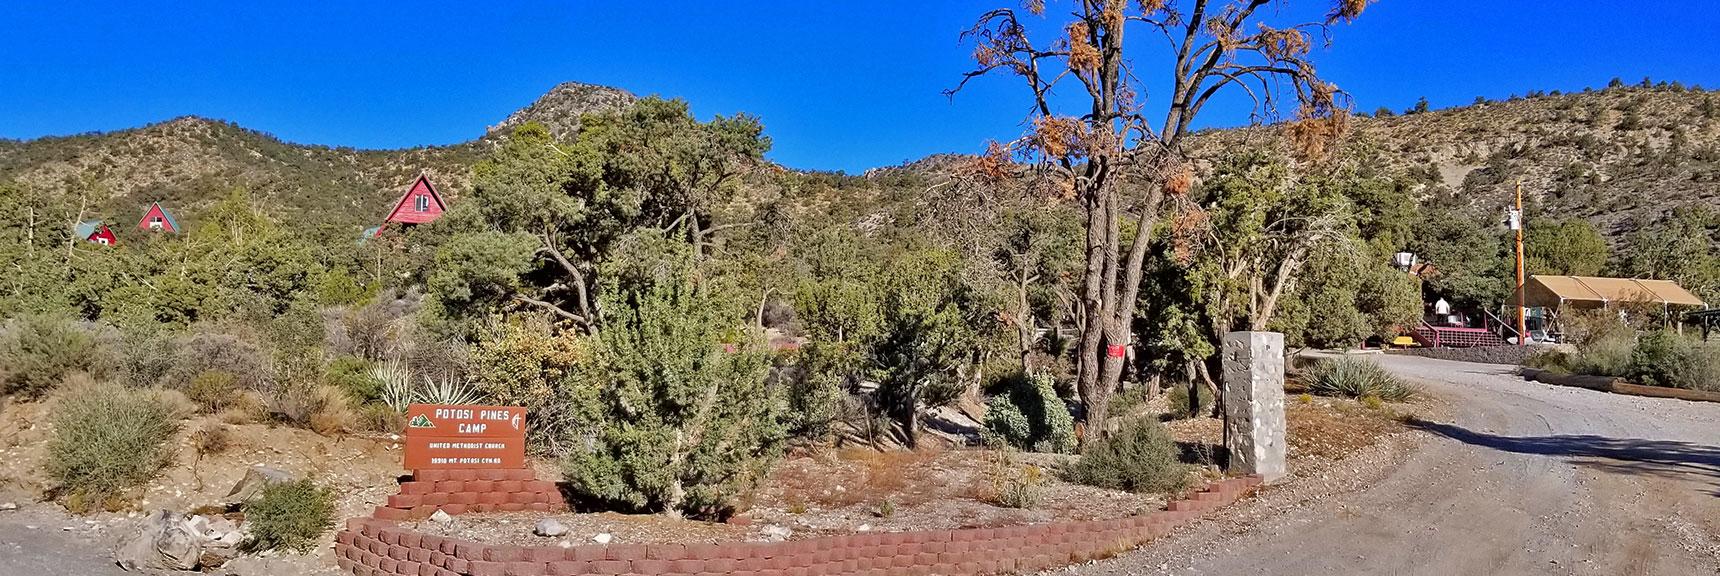 Potosi Pines United Methodist Camp   Potosi Mountain Northwestern Approach, Spring Mountains, Nevada